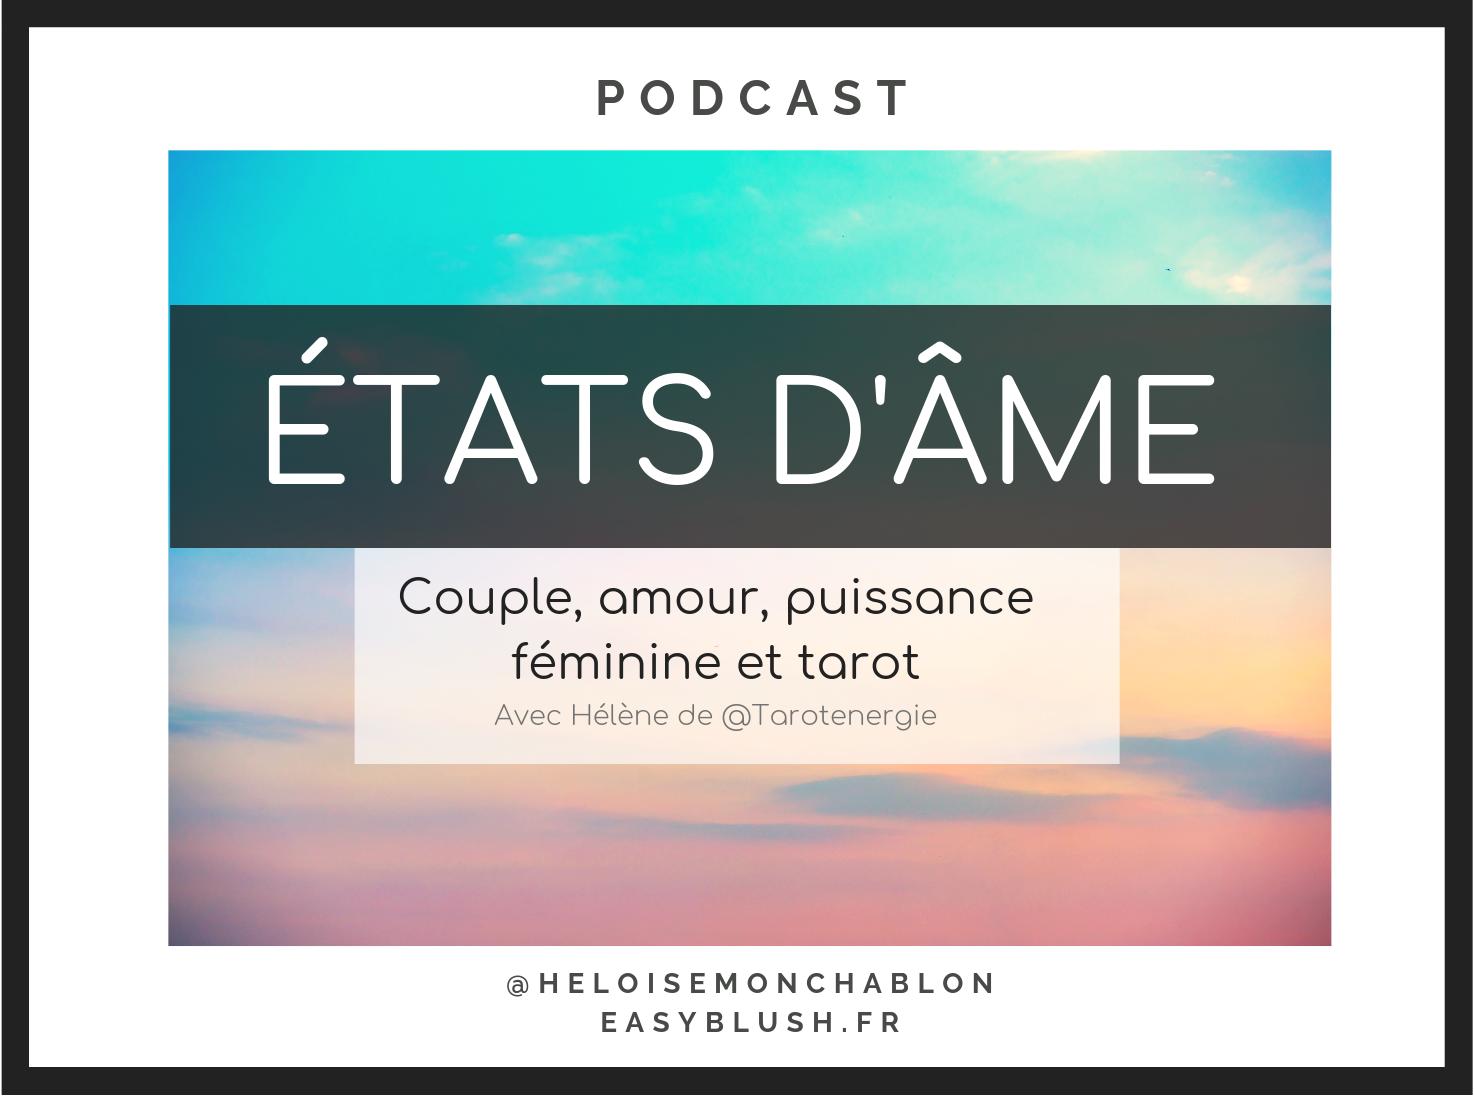 Un épidose podcast qui tourne autour de la puissance féminine, du couple, des relations, de l'amour en général. Le tout sur un fond de tarot de Marseille